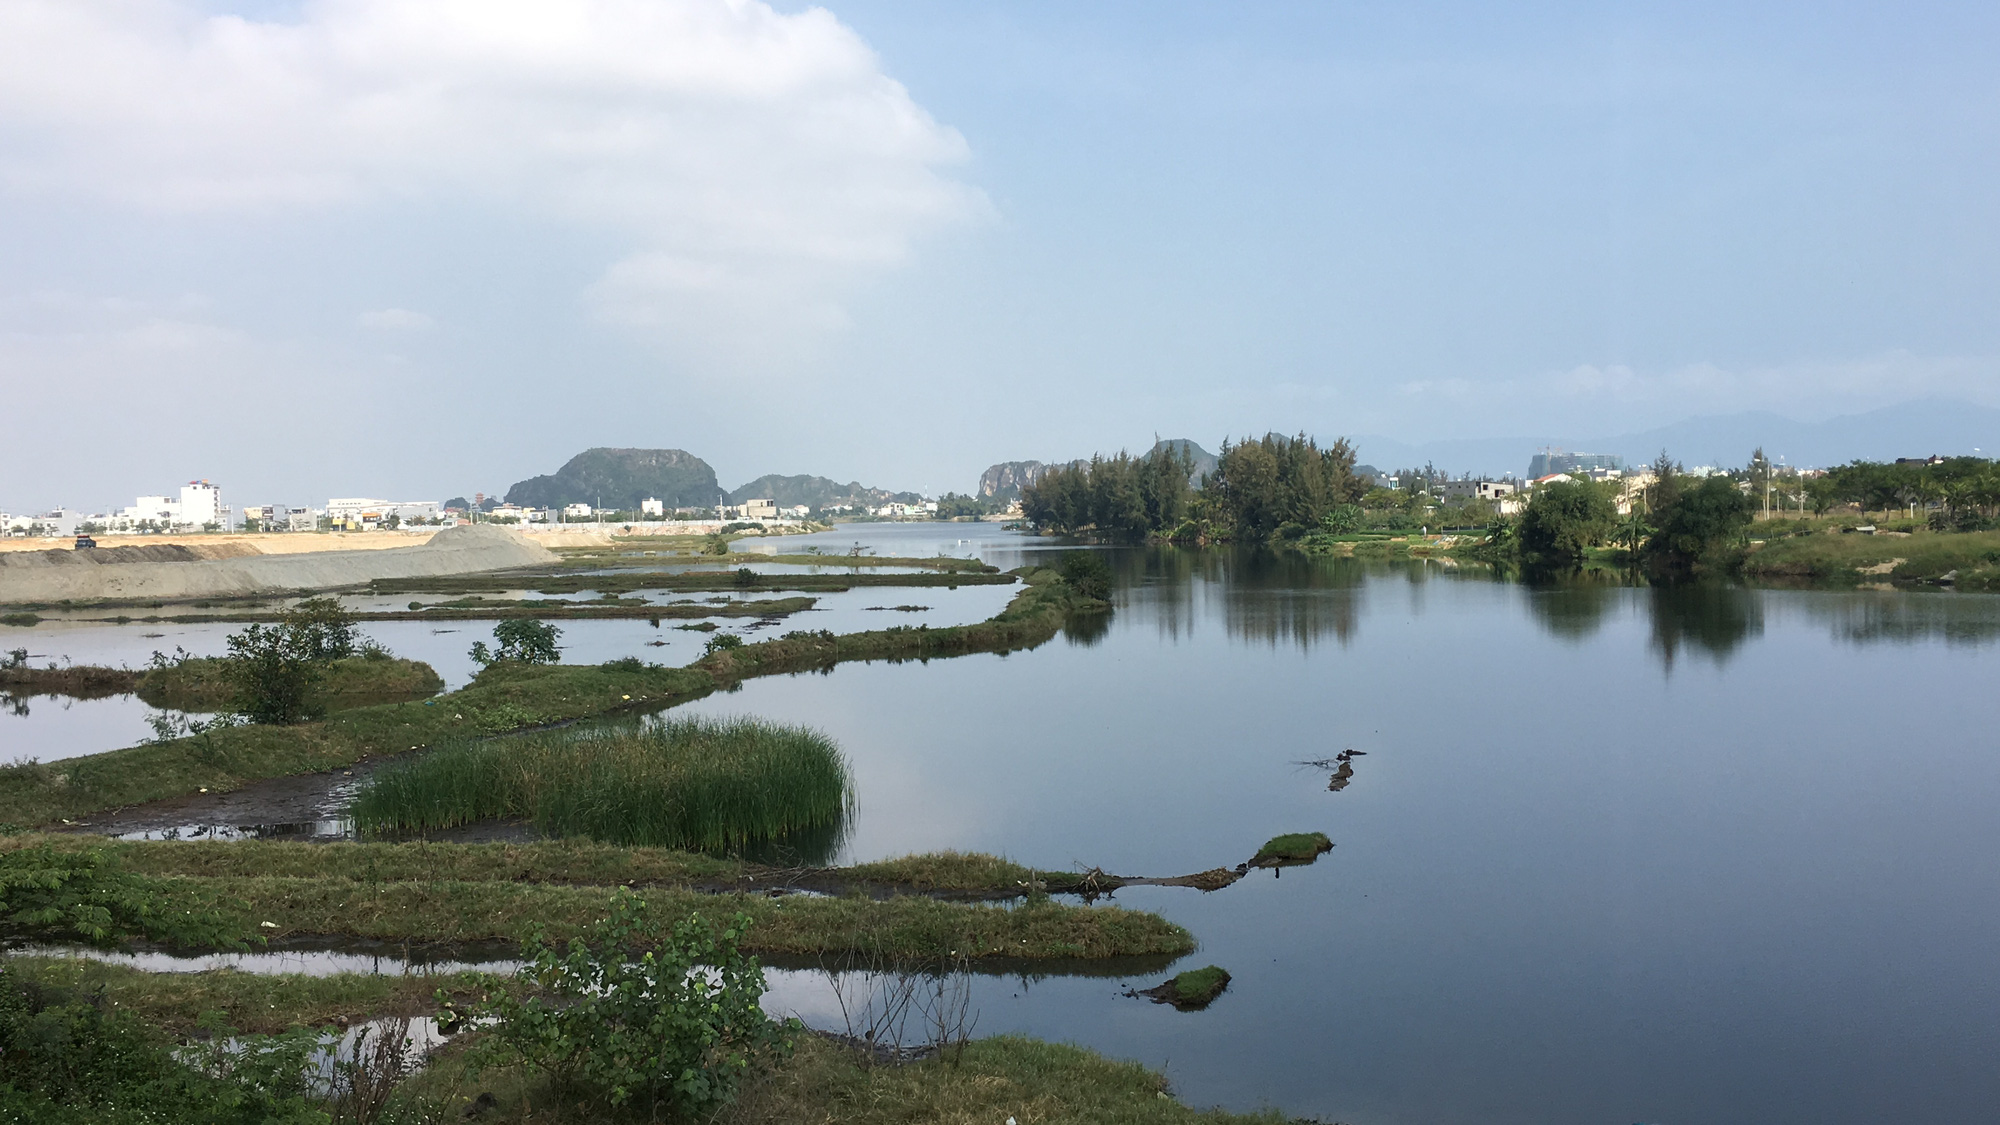 Cận cảnh nơi Đà Nẵng làm cầu, đường qua sông Cổ Cò, đường vành hơn 1.400 tỉ đồng - Ảnh 7.